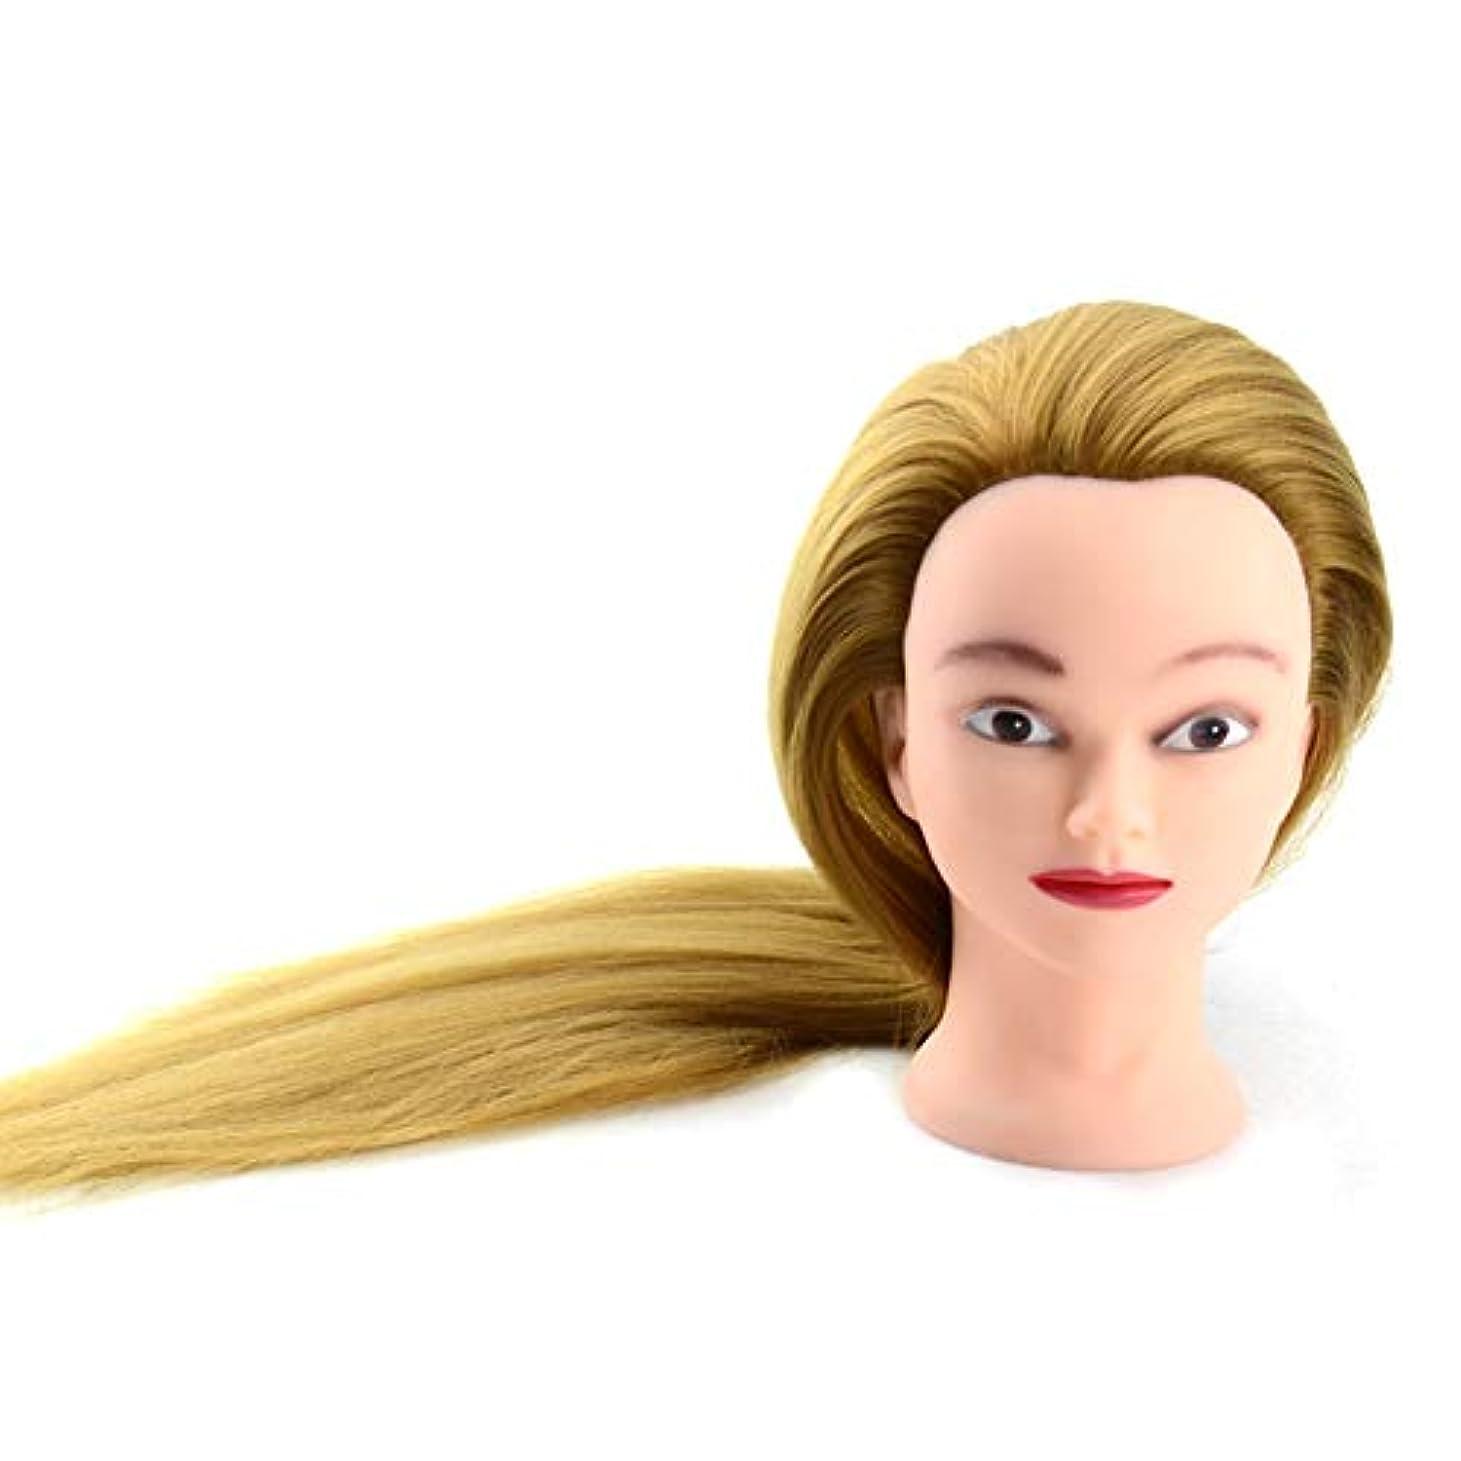 蒸留する挨拶する賢明な化学繊維ウィッグヘッドモデル花嫁メイクスタイリング練習ダミーヘッドサロントリミング学習マネキンヘッド